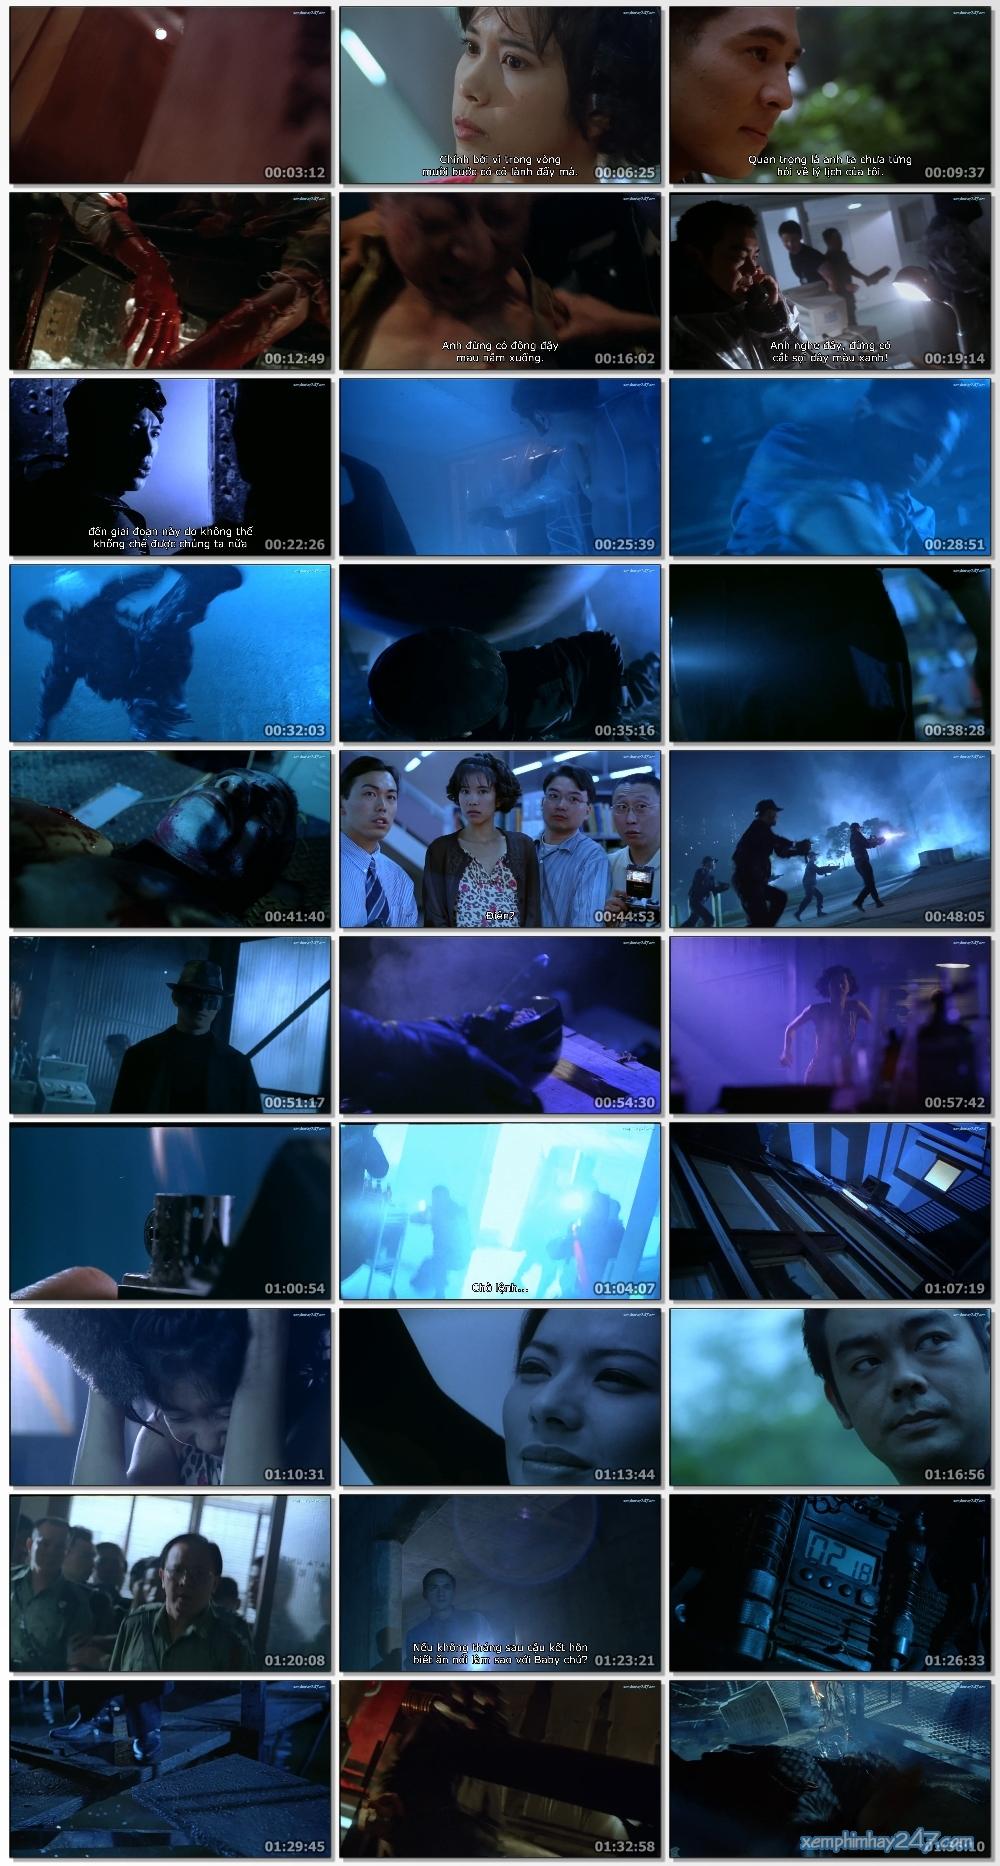 http://xemphimhay247.com - Xem phim hay 247 - Mặt Nạ Đen (1996) - Black Mask (1996)